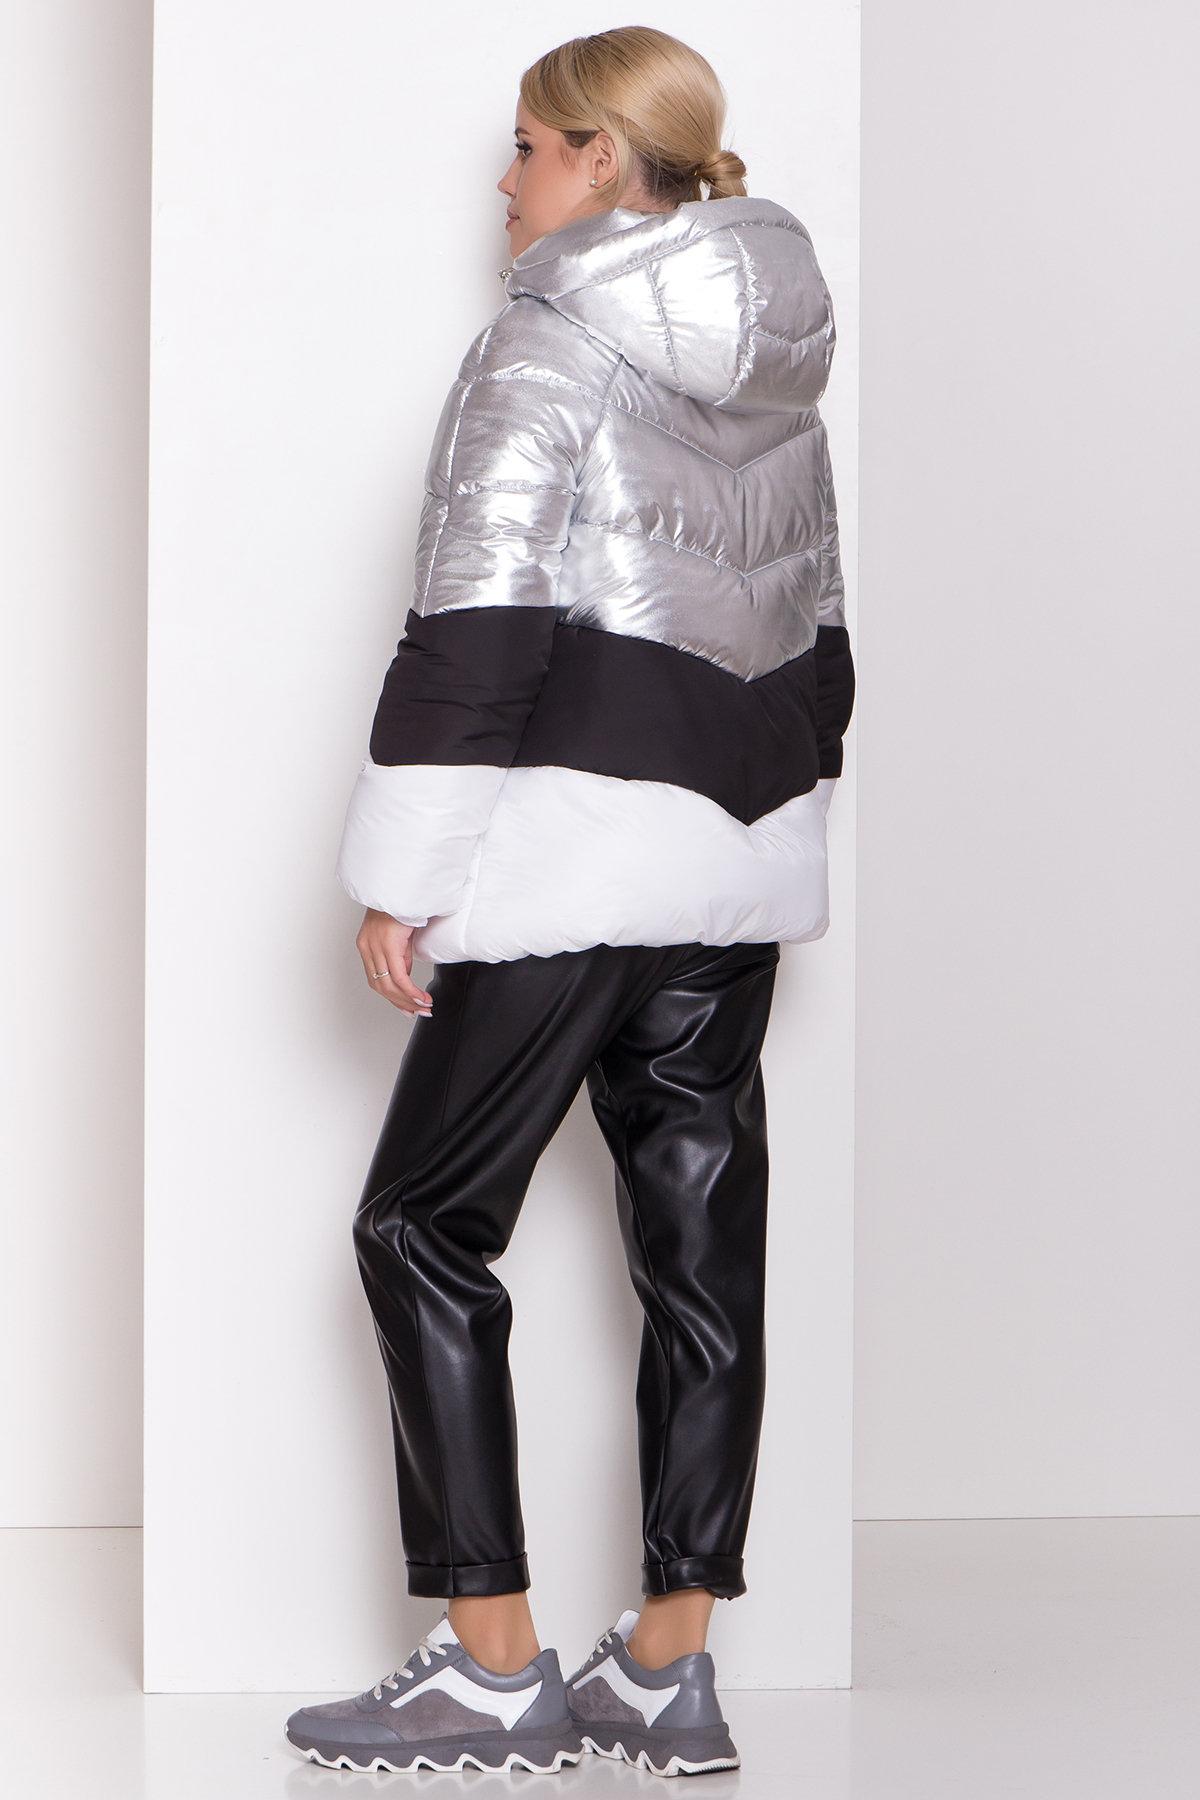 Трехцветный пуховик Австрия 8371 АРТ. 44546 Цвет: Серебро/черный/белый - фото 5, интернет магазин tm-modus.ru